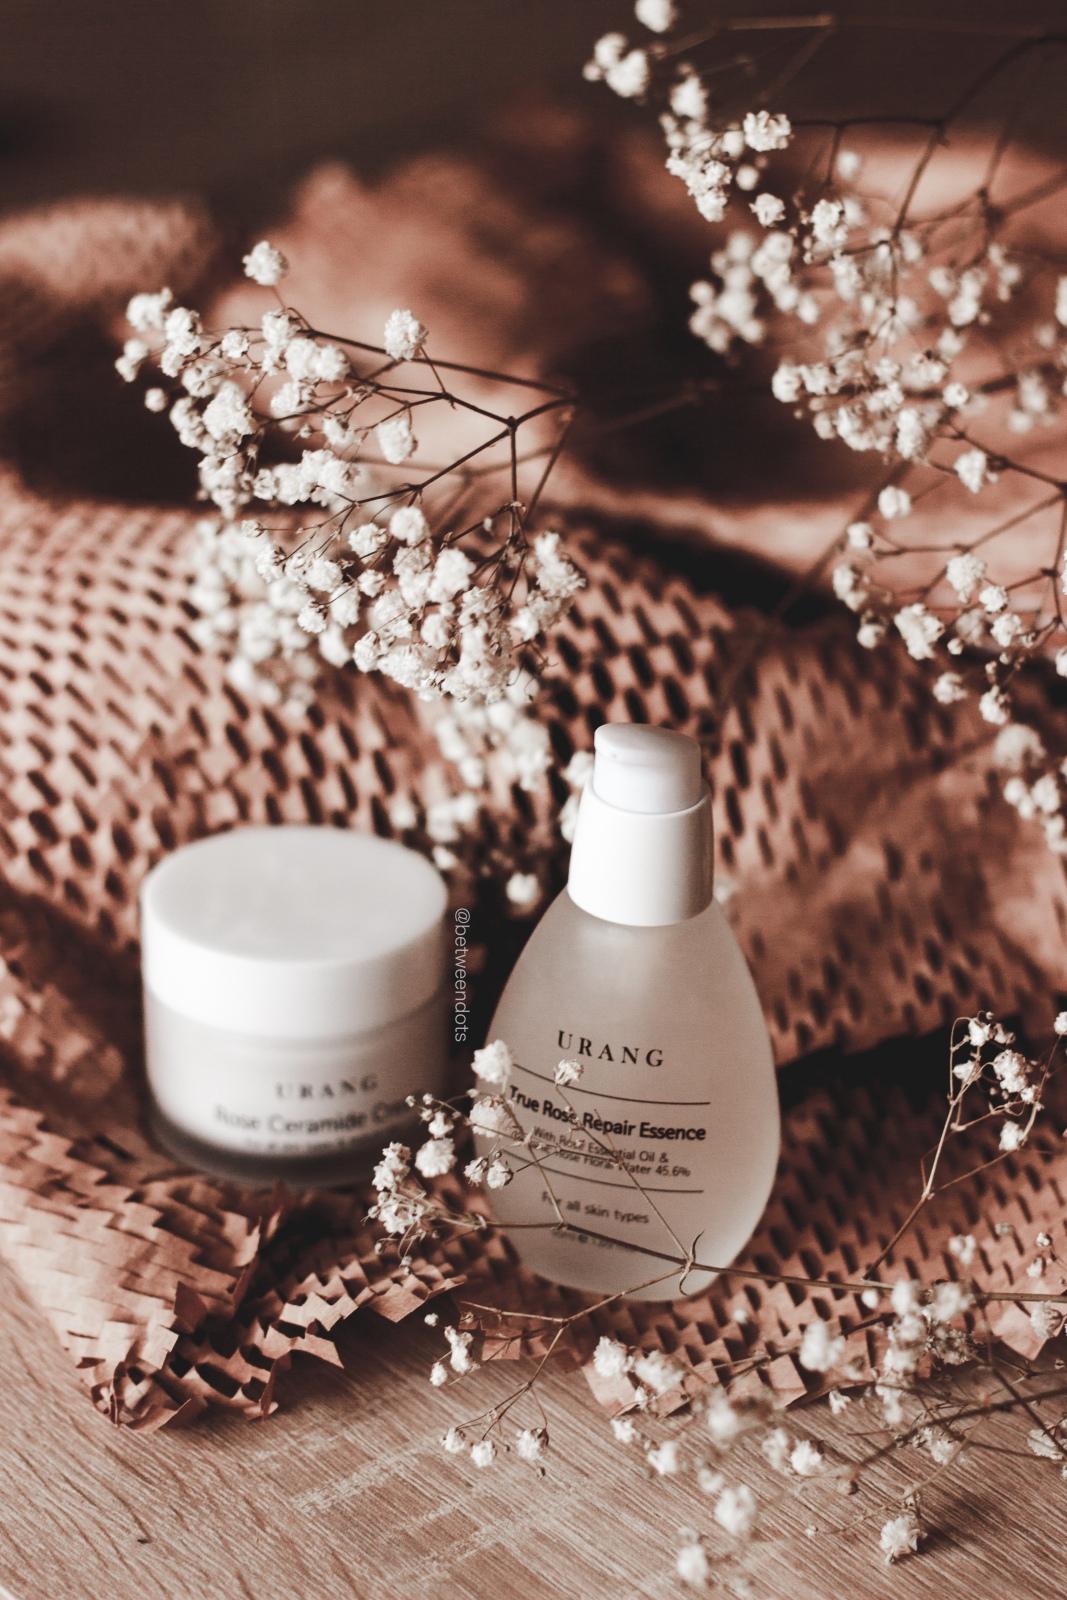 Skinsider Black Friday  2018: Save on Korean beauty brands like Lagom, Happy Vegan, Urang and more. Find more deals and promocodes on Kherblog.com